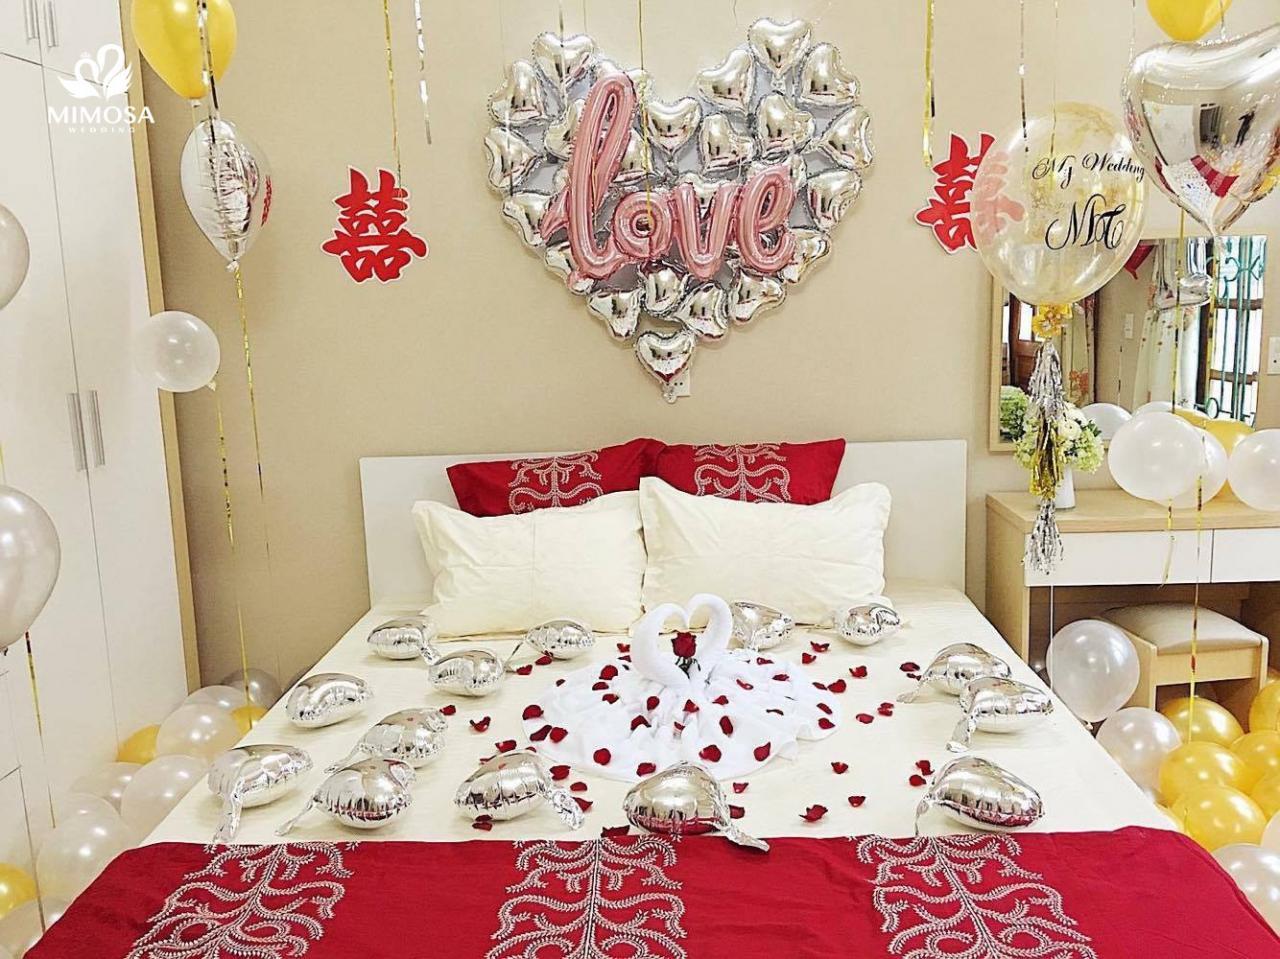 Ngây Ngất với 7+ mẫu trang trí phòng cưới đẹp, đơn giản!!